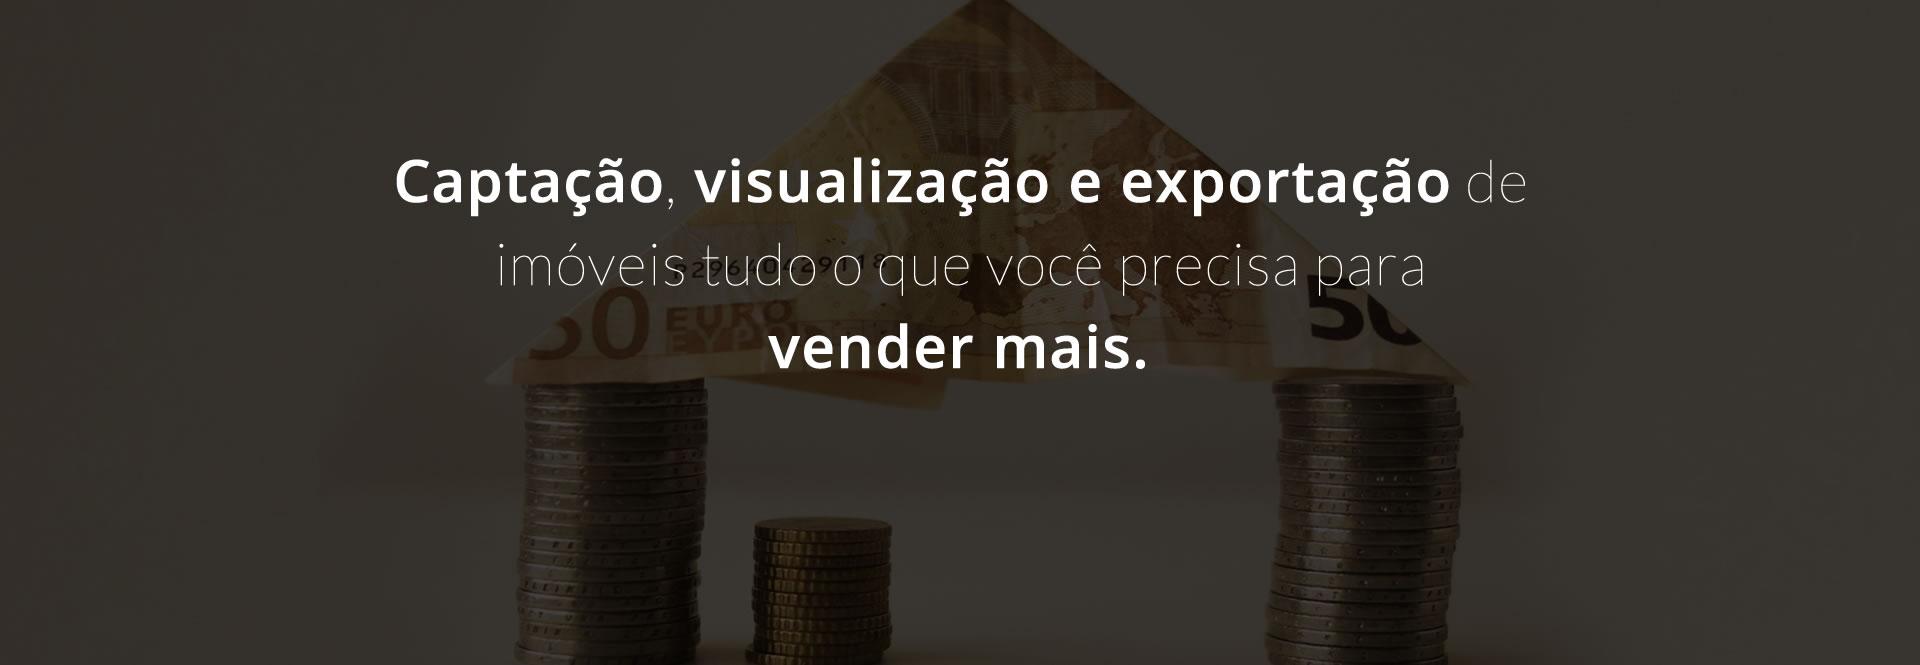 Captação, visualização e exportação de imóveis tudo o que você precisa para vender mais.